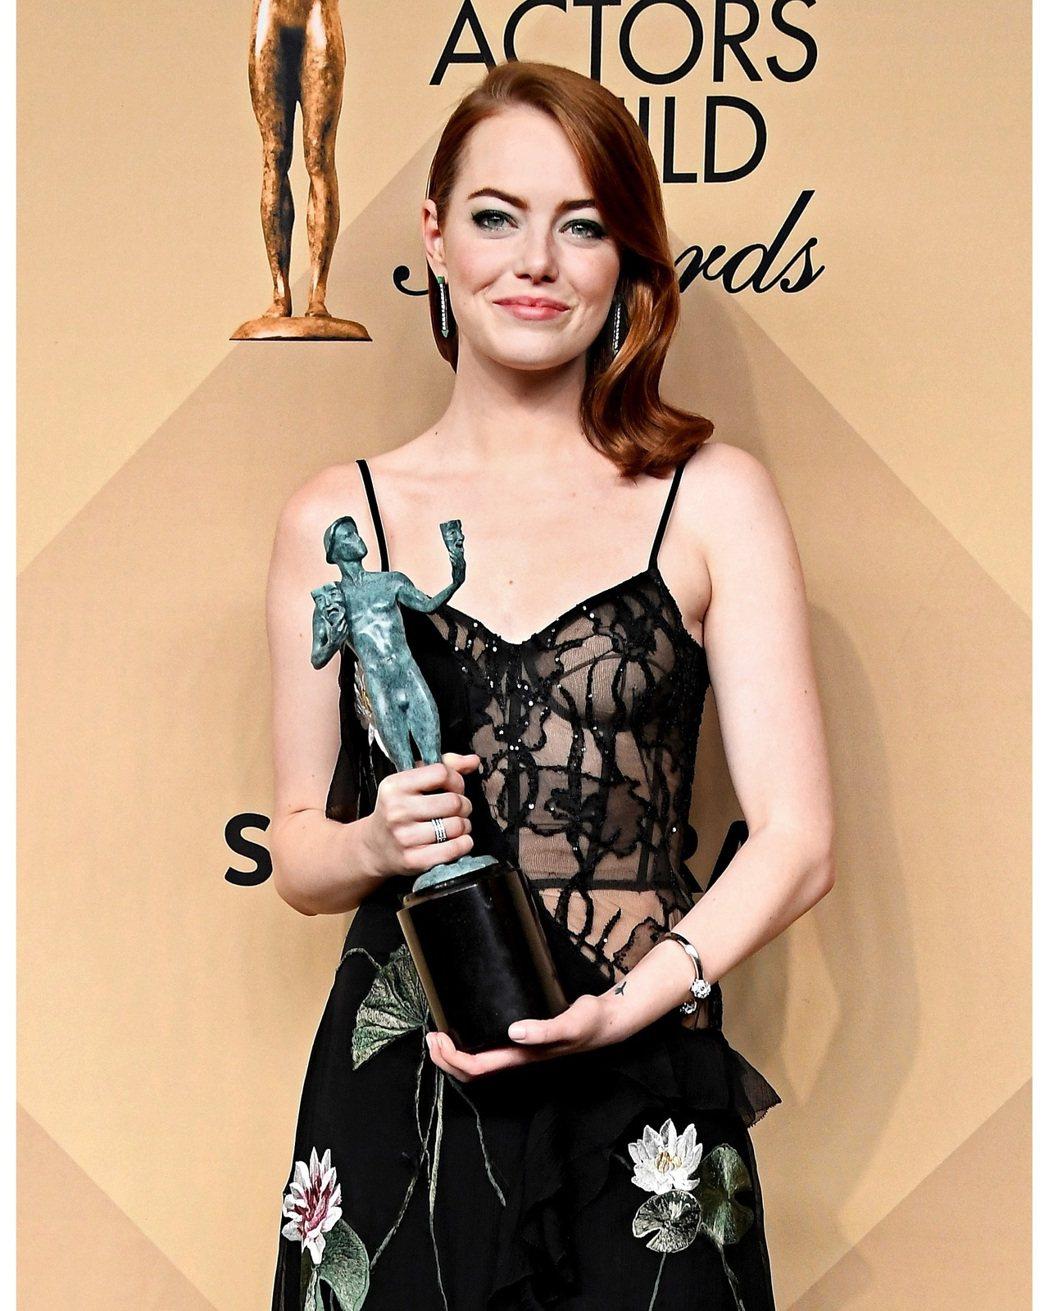 艾瑪史東獲得美國演員工會獎電影類最佳女主角,包括之前金球獎,一路相伴的都是Tif...